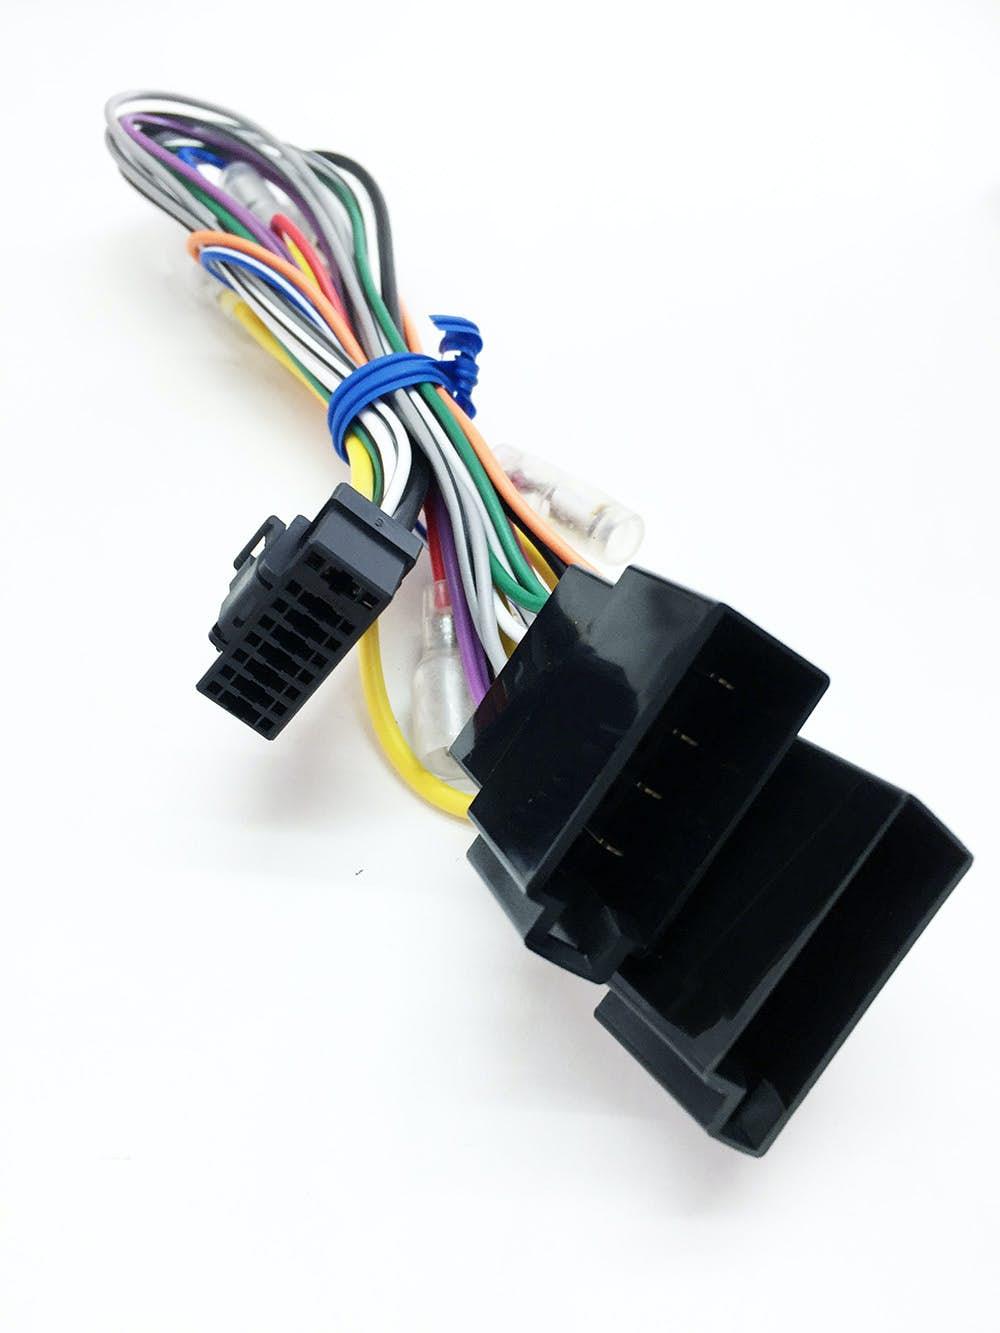 Alpine ISO konektor - novejši modeli